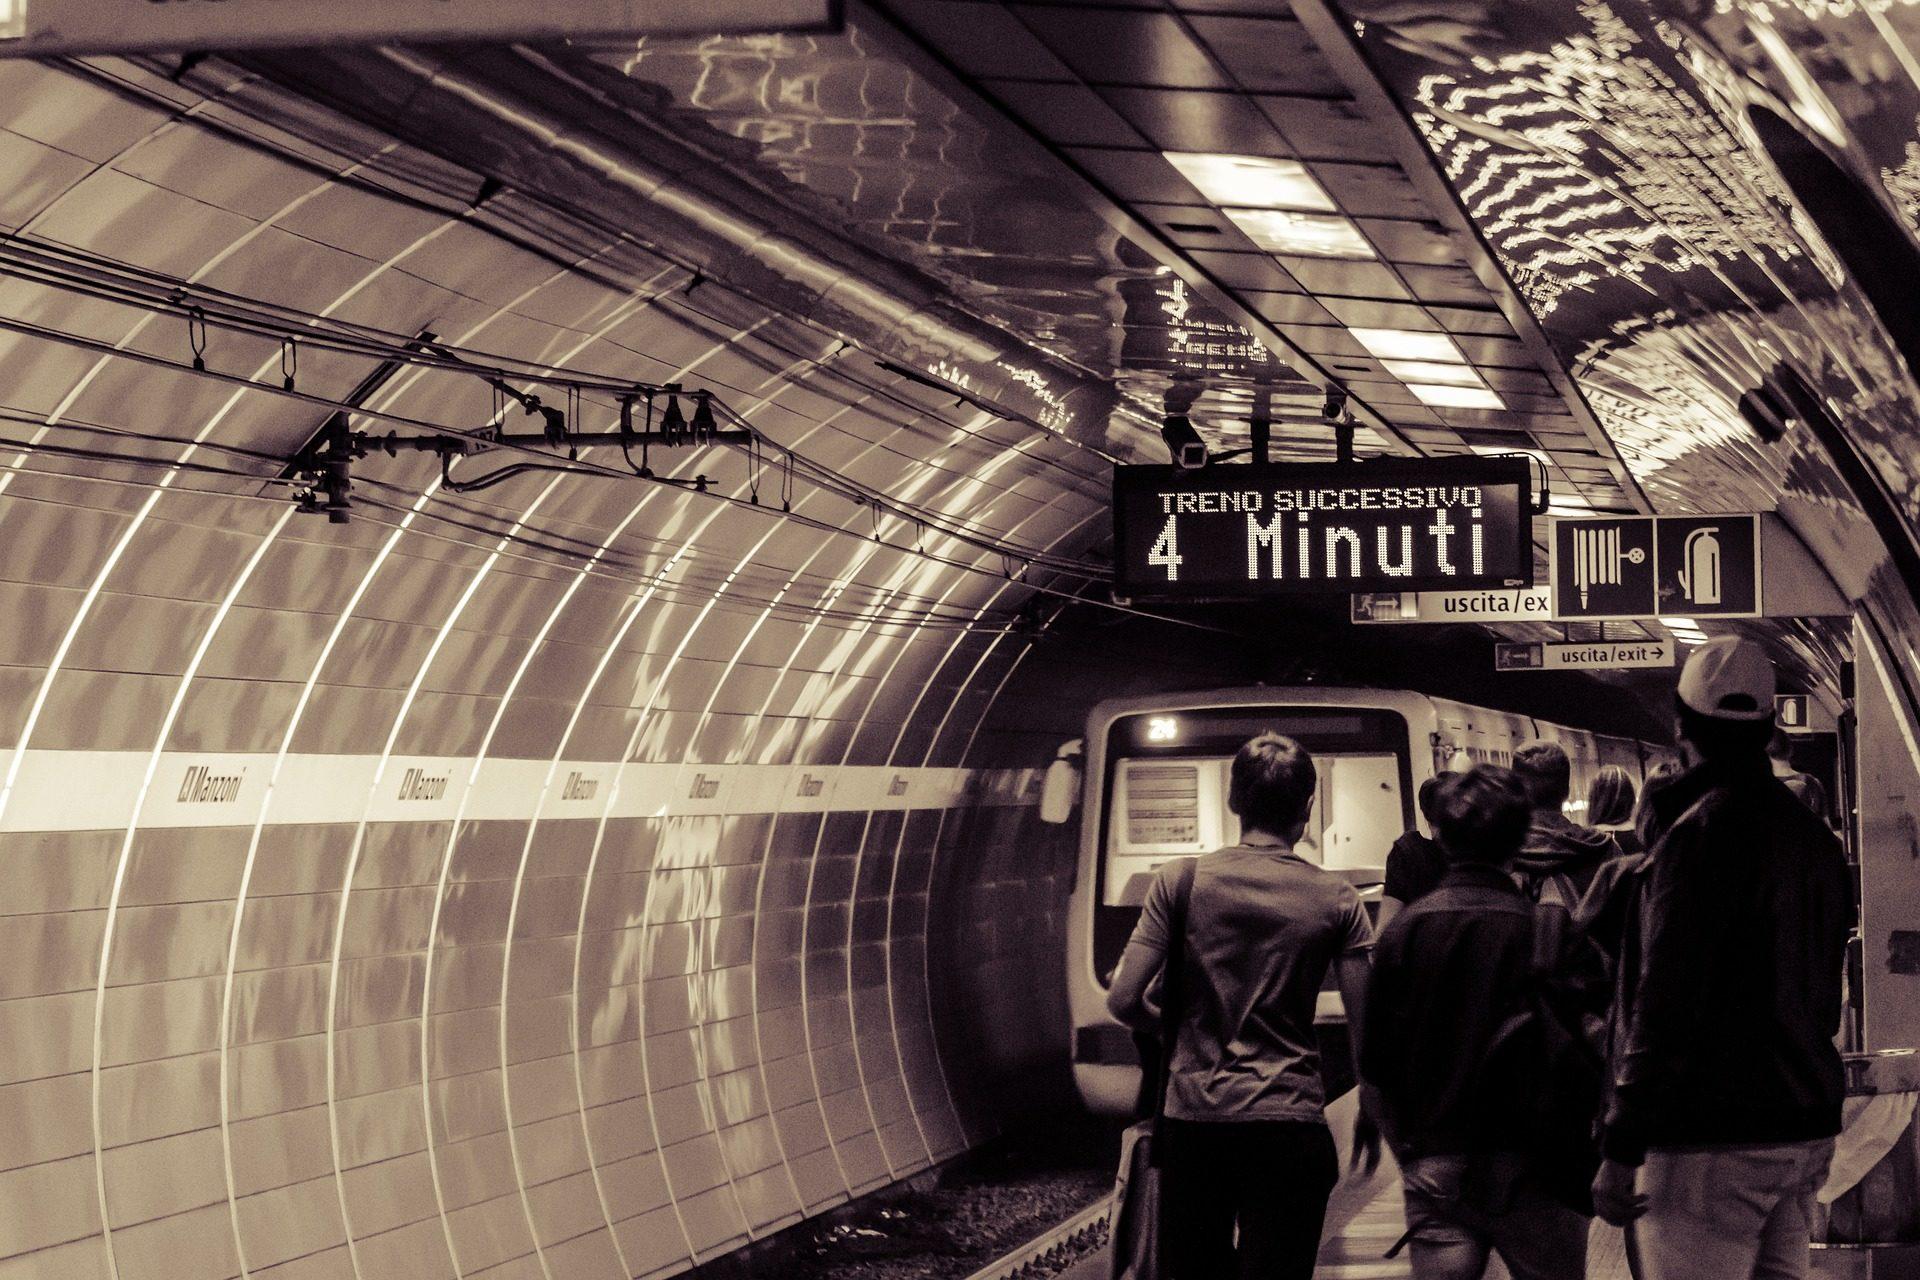 تدريب, مترو, محطة, تحت الأرض, الضواحي, النفق - خلفيات عالية الدقة - أستاذ falken.com